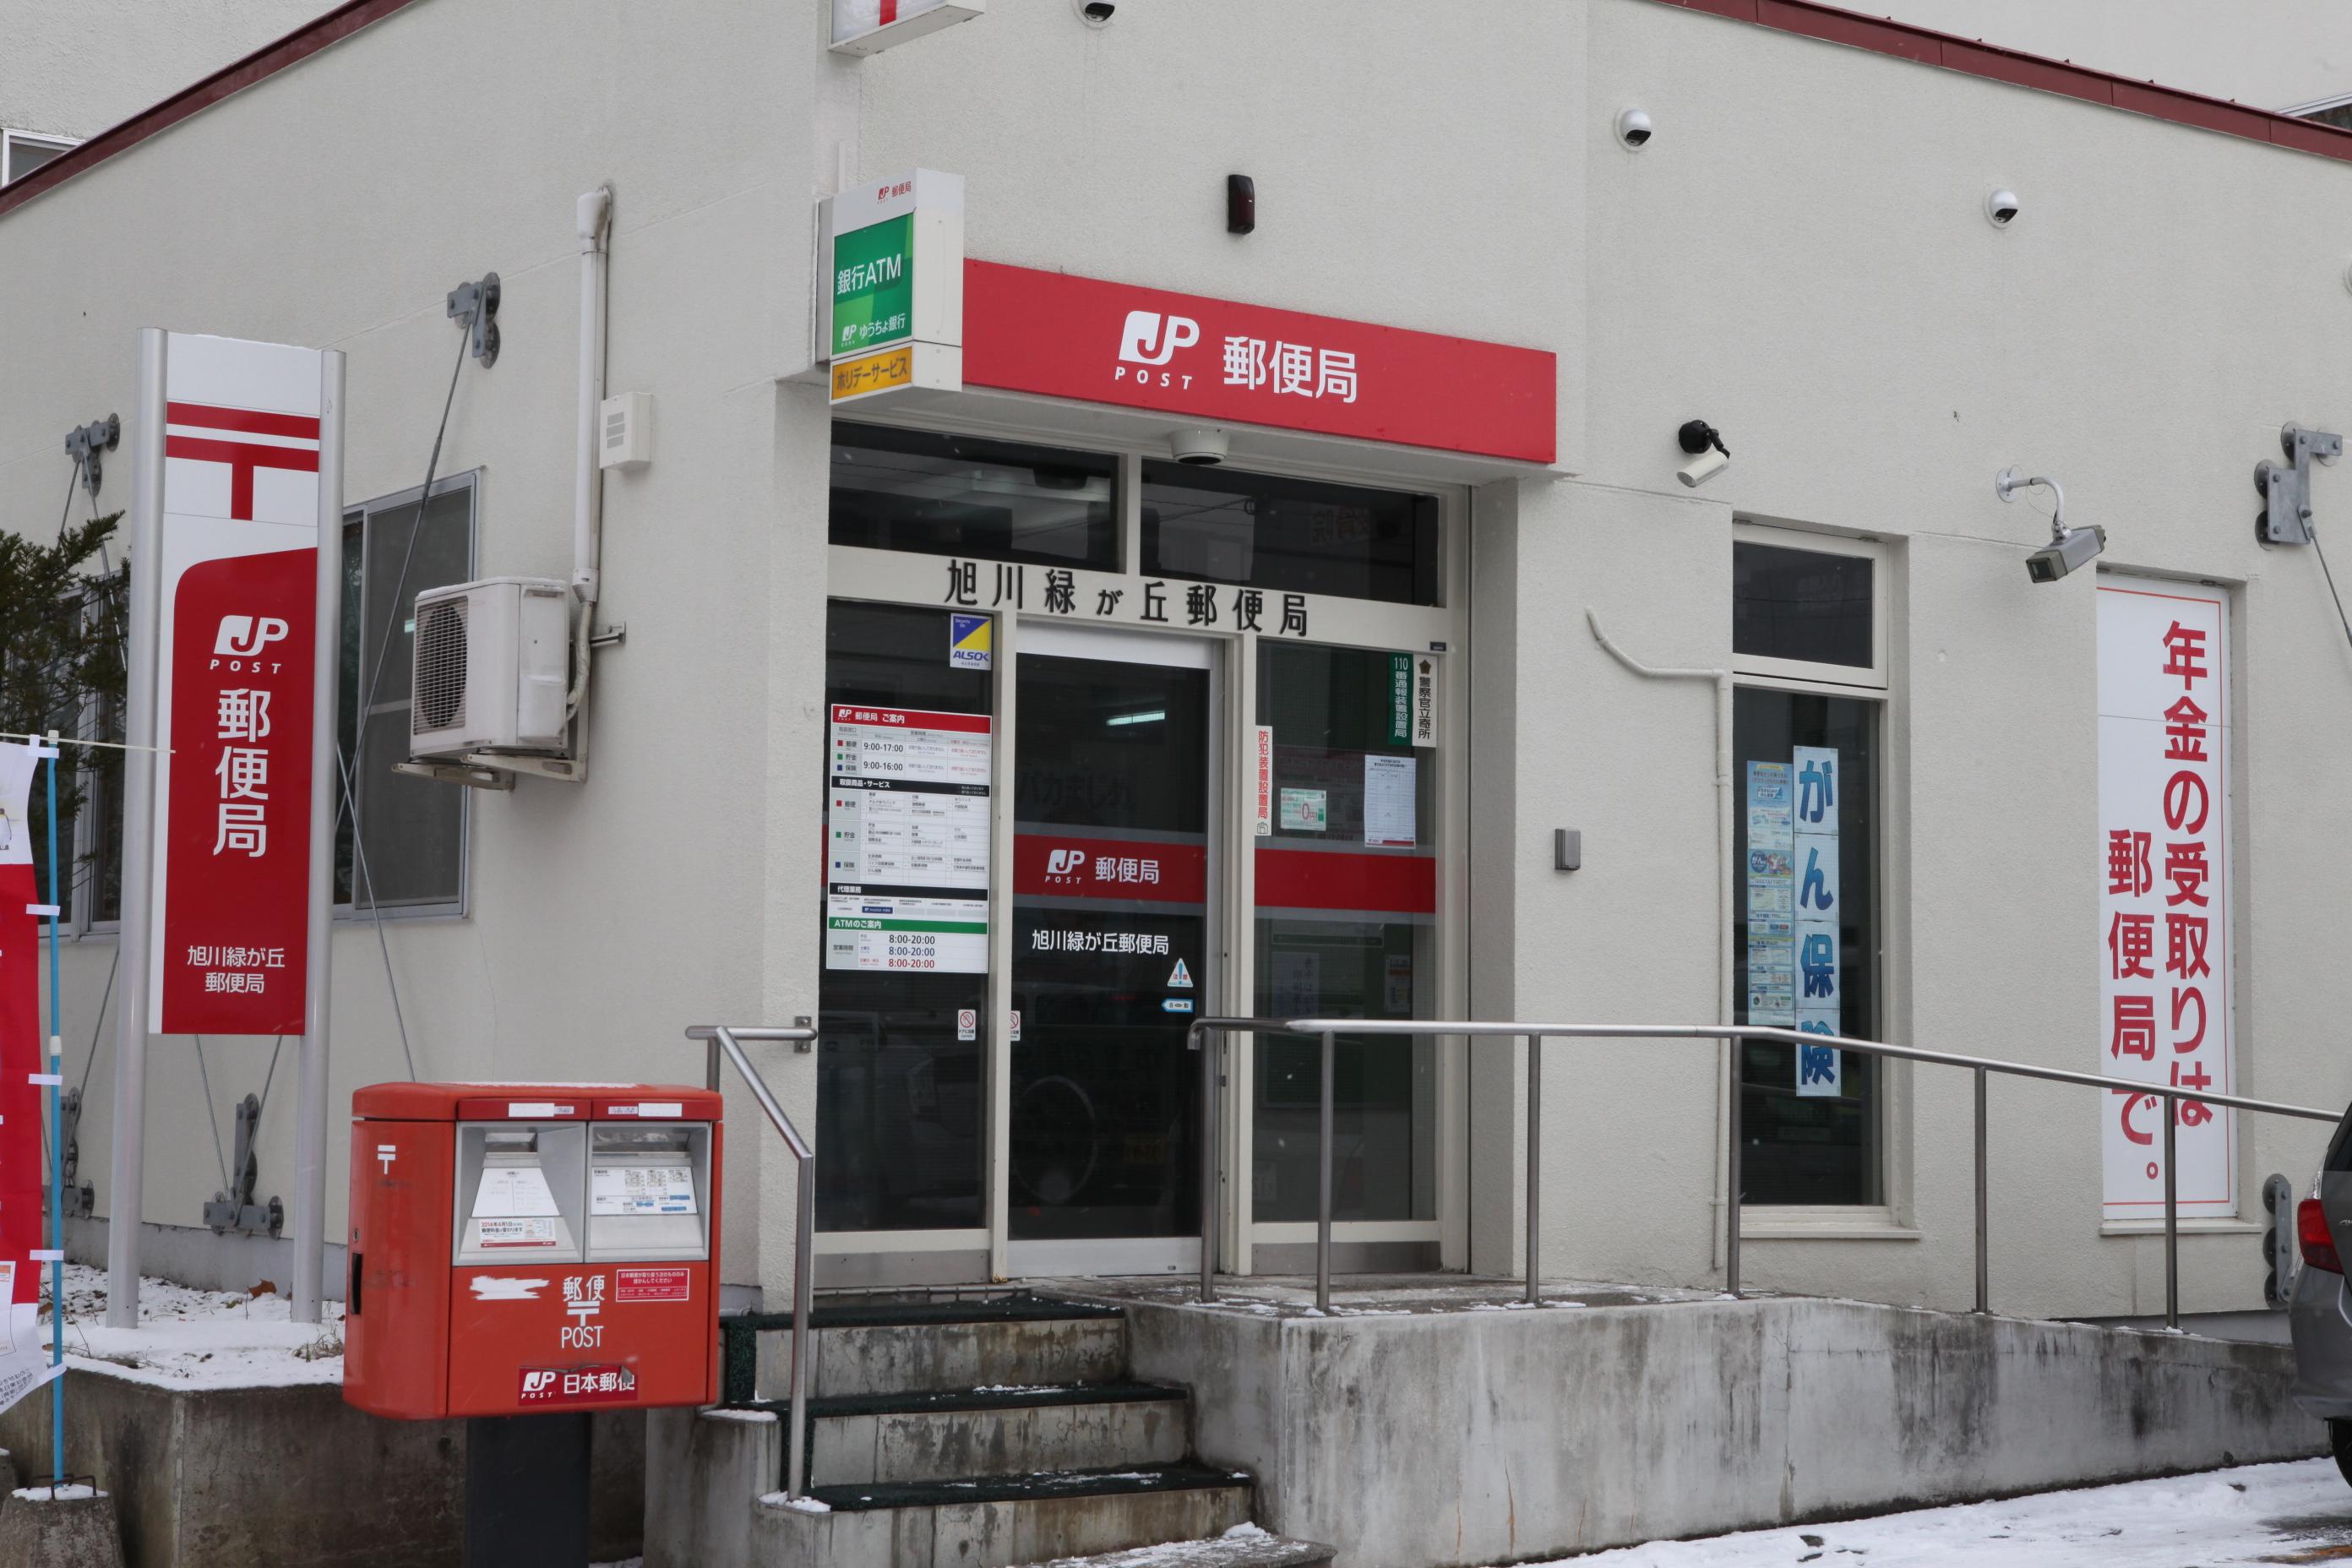 緑が丘商店会にある郵便局です